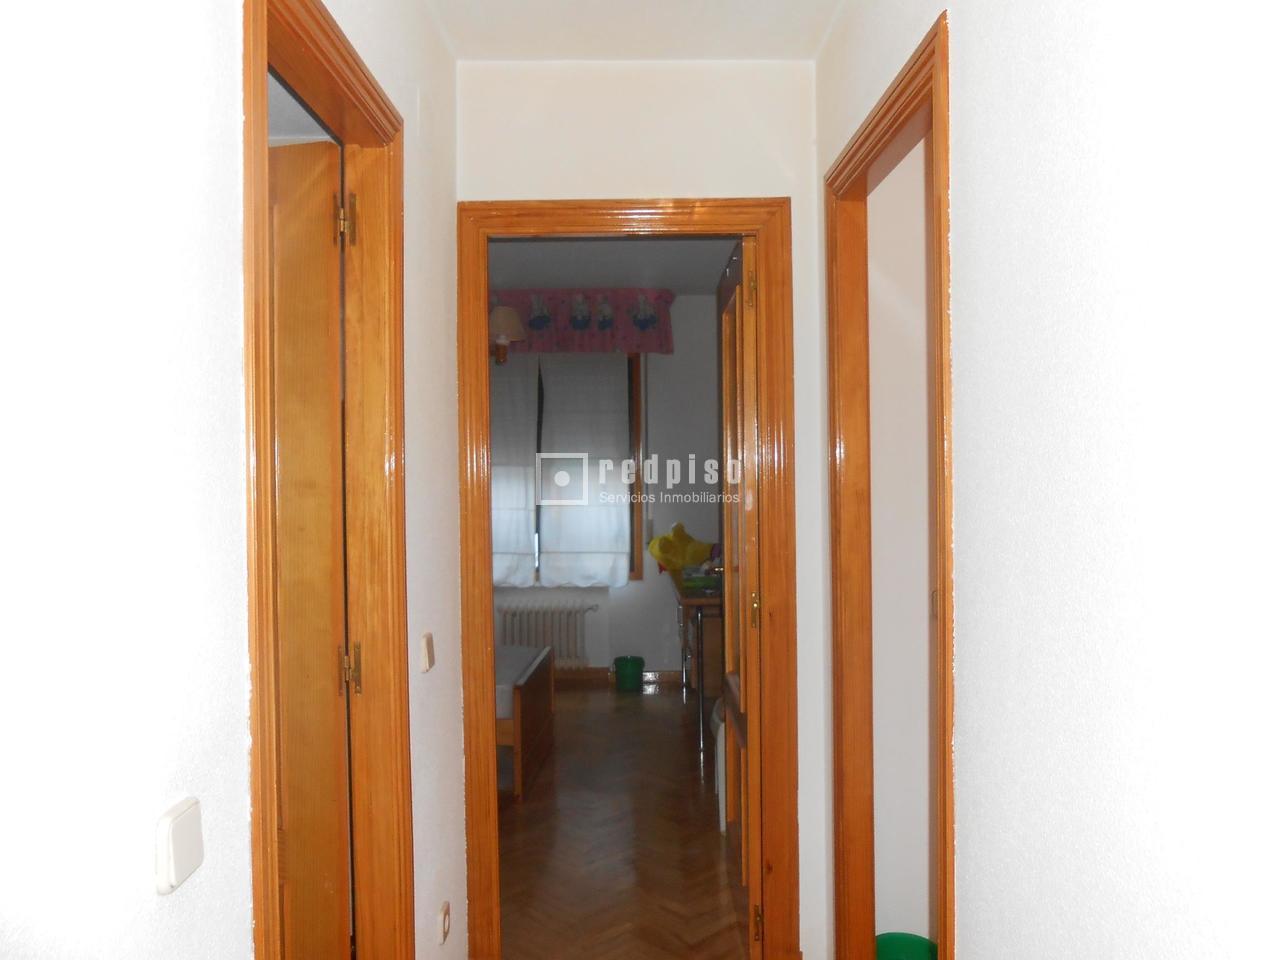 Alquiler de piso en guadalajara piso en alquiler en calle zaragoza casco histrico guadalajara - Pisos alquiler guadalajara particulares ...